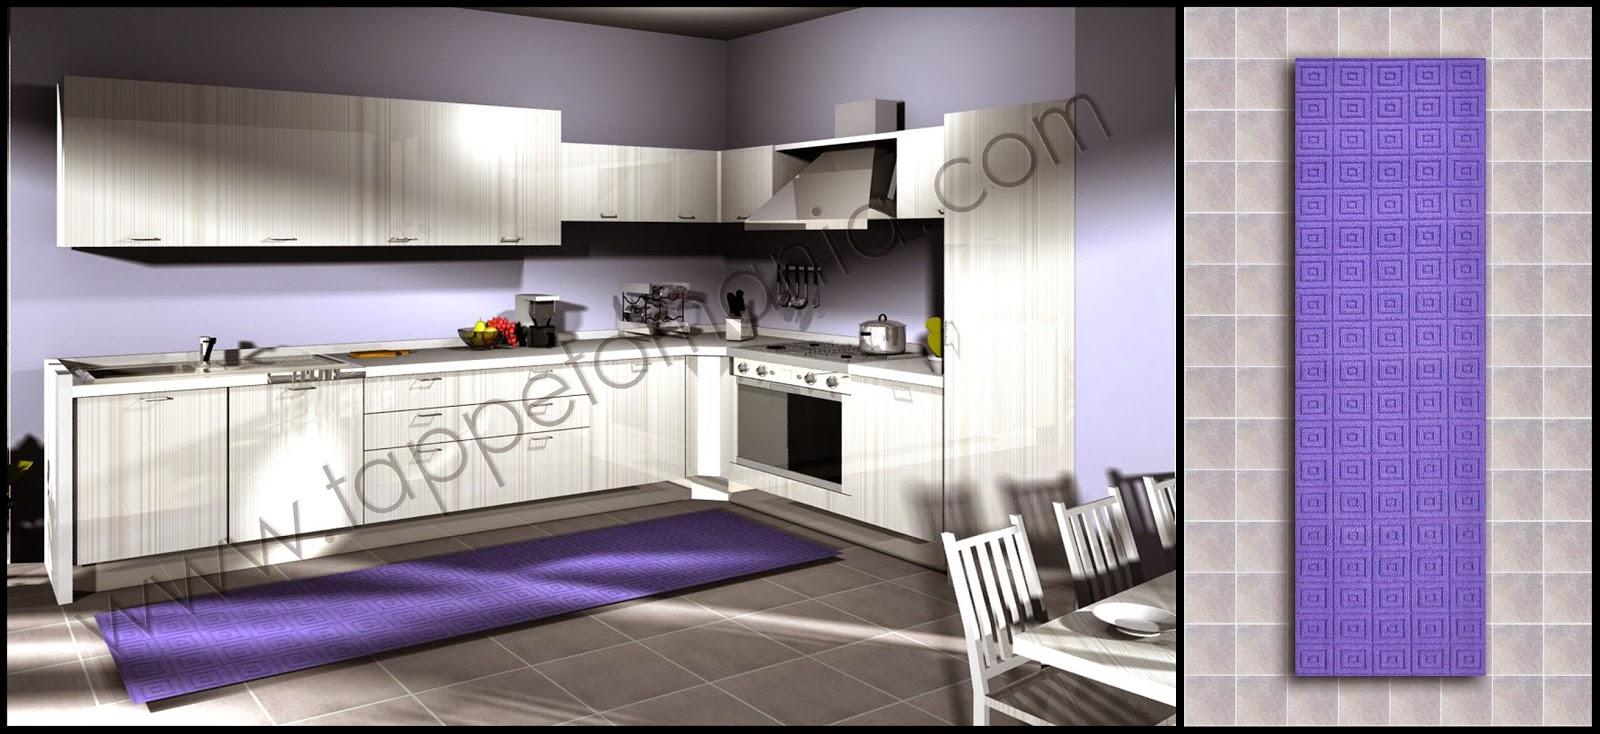 tappeti cucina colore rossi | tappetomania è su Ebay e ha le offerte ...